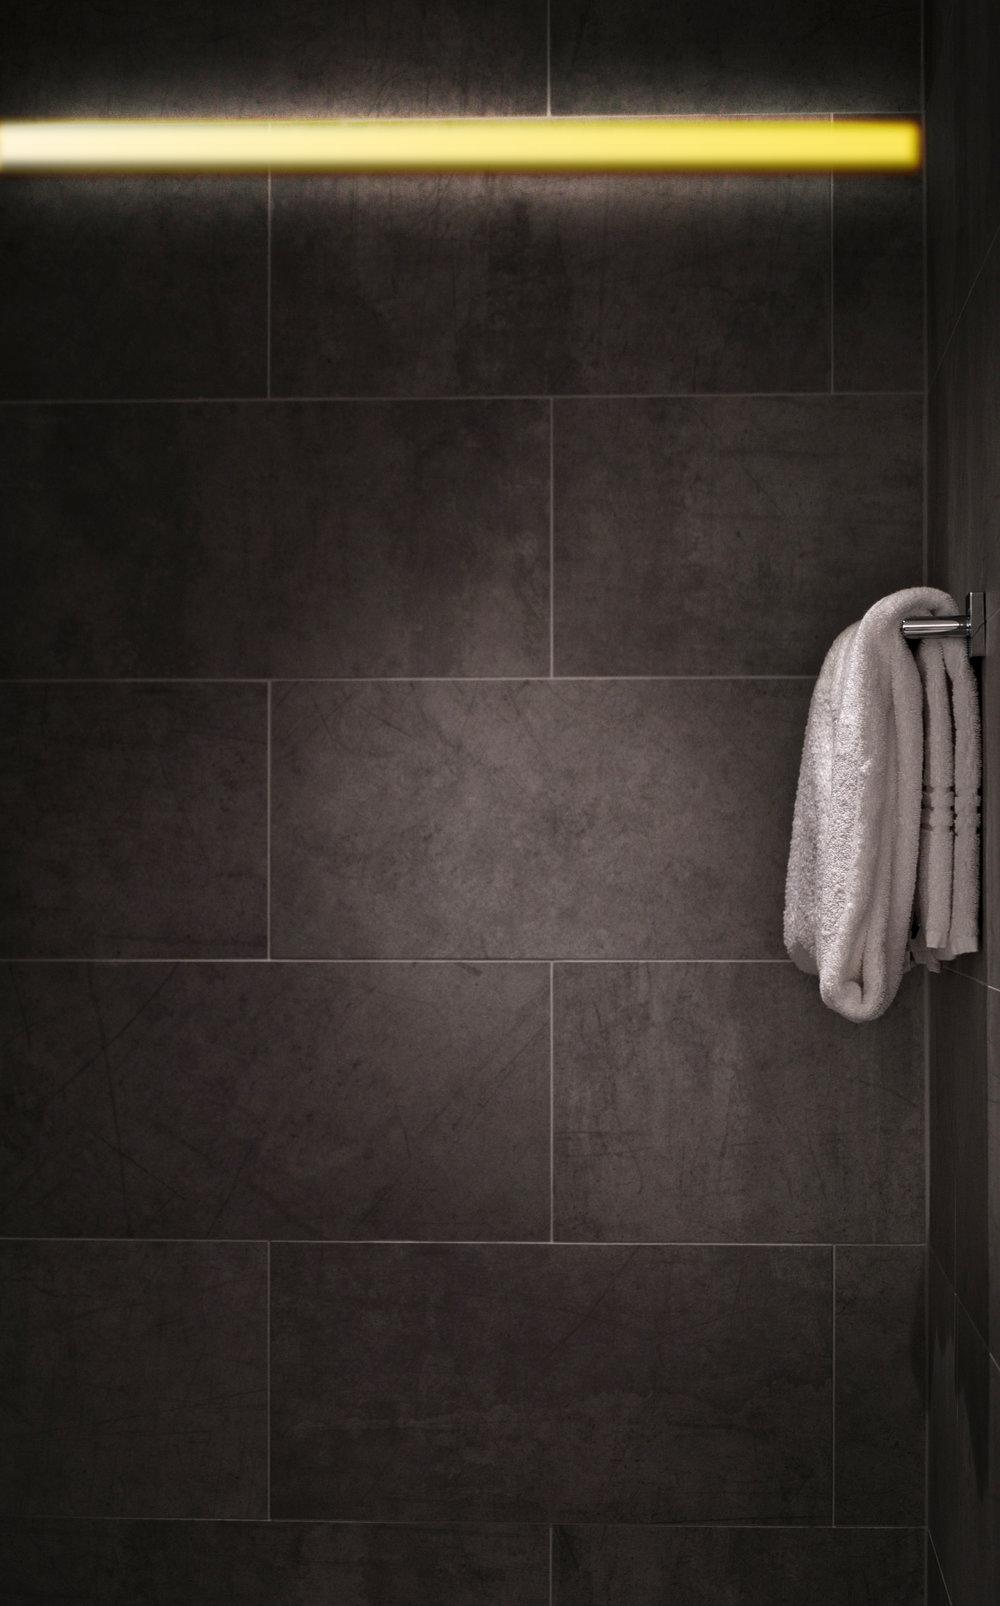 shower_light3.jpg